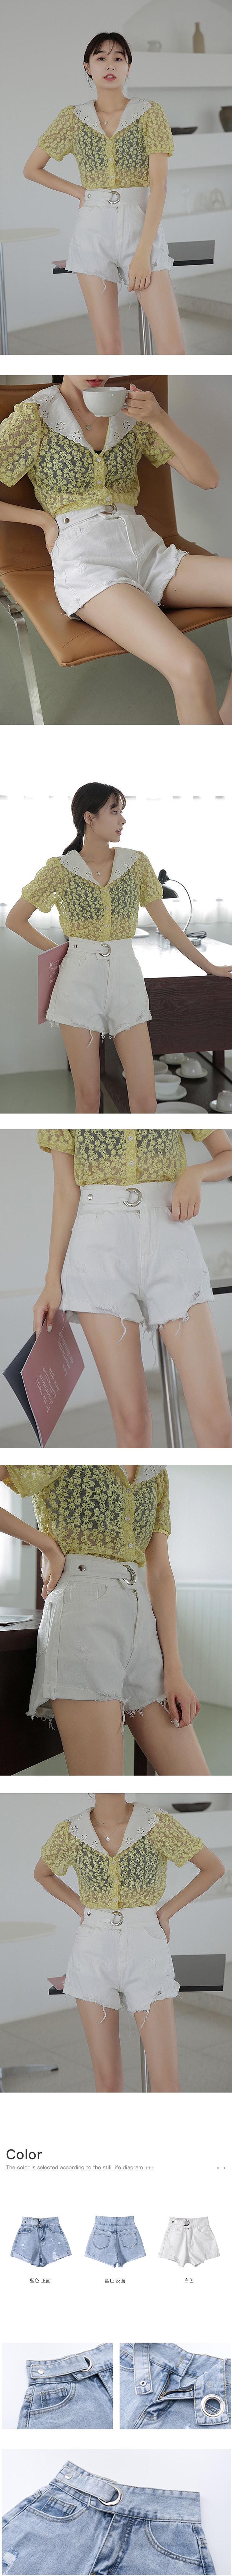 一體腰帶高腰刷破牛仔短褲.S~XL